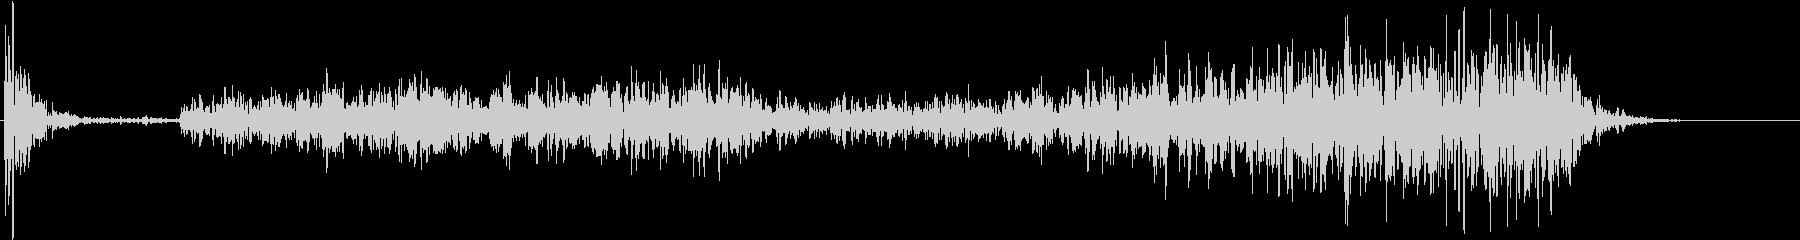 【生録音】テーブルを引っ掻く音 1の未再生の波形